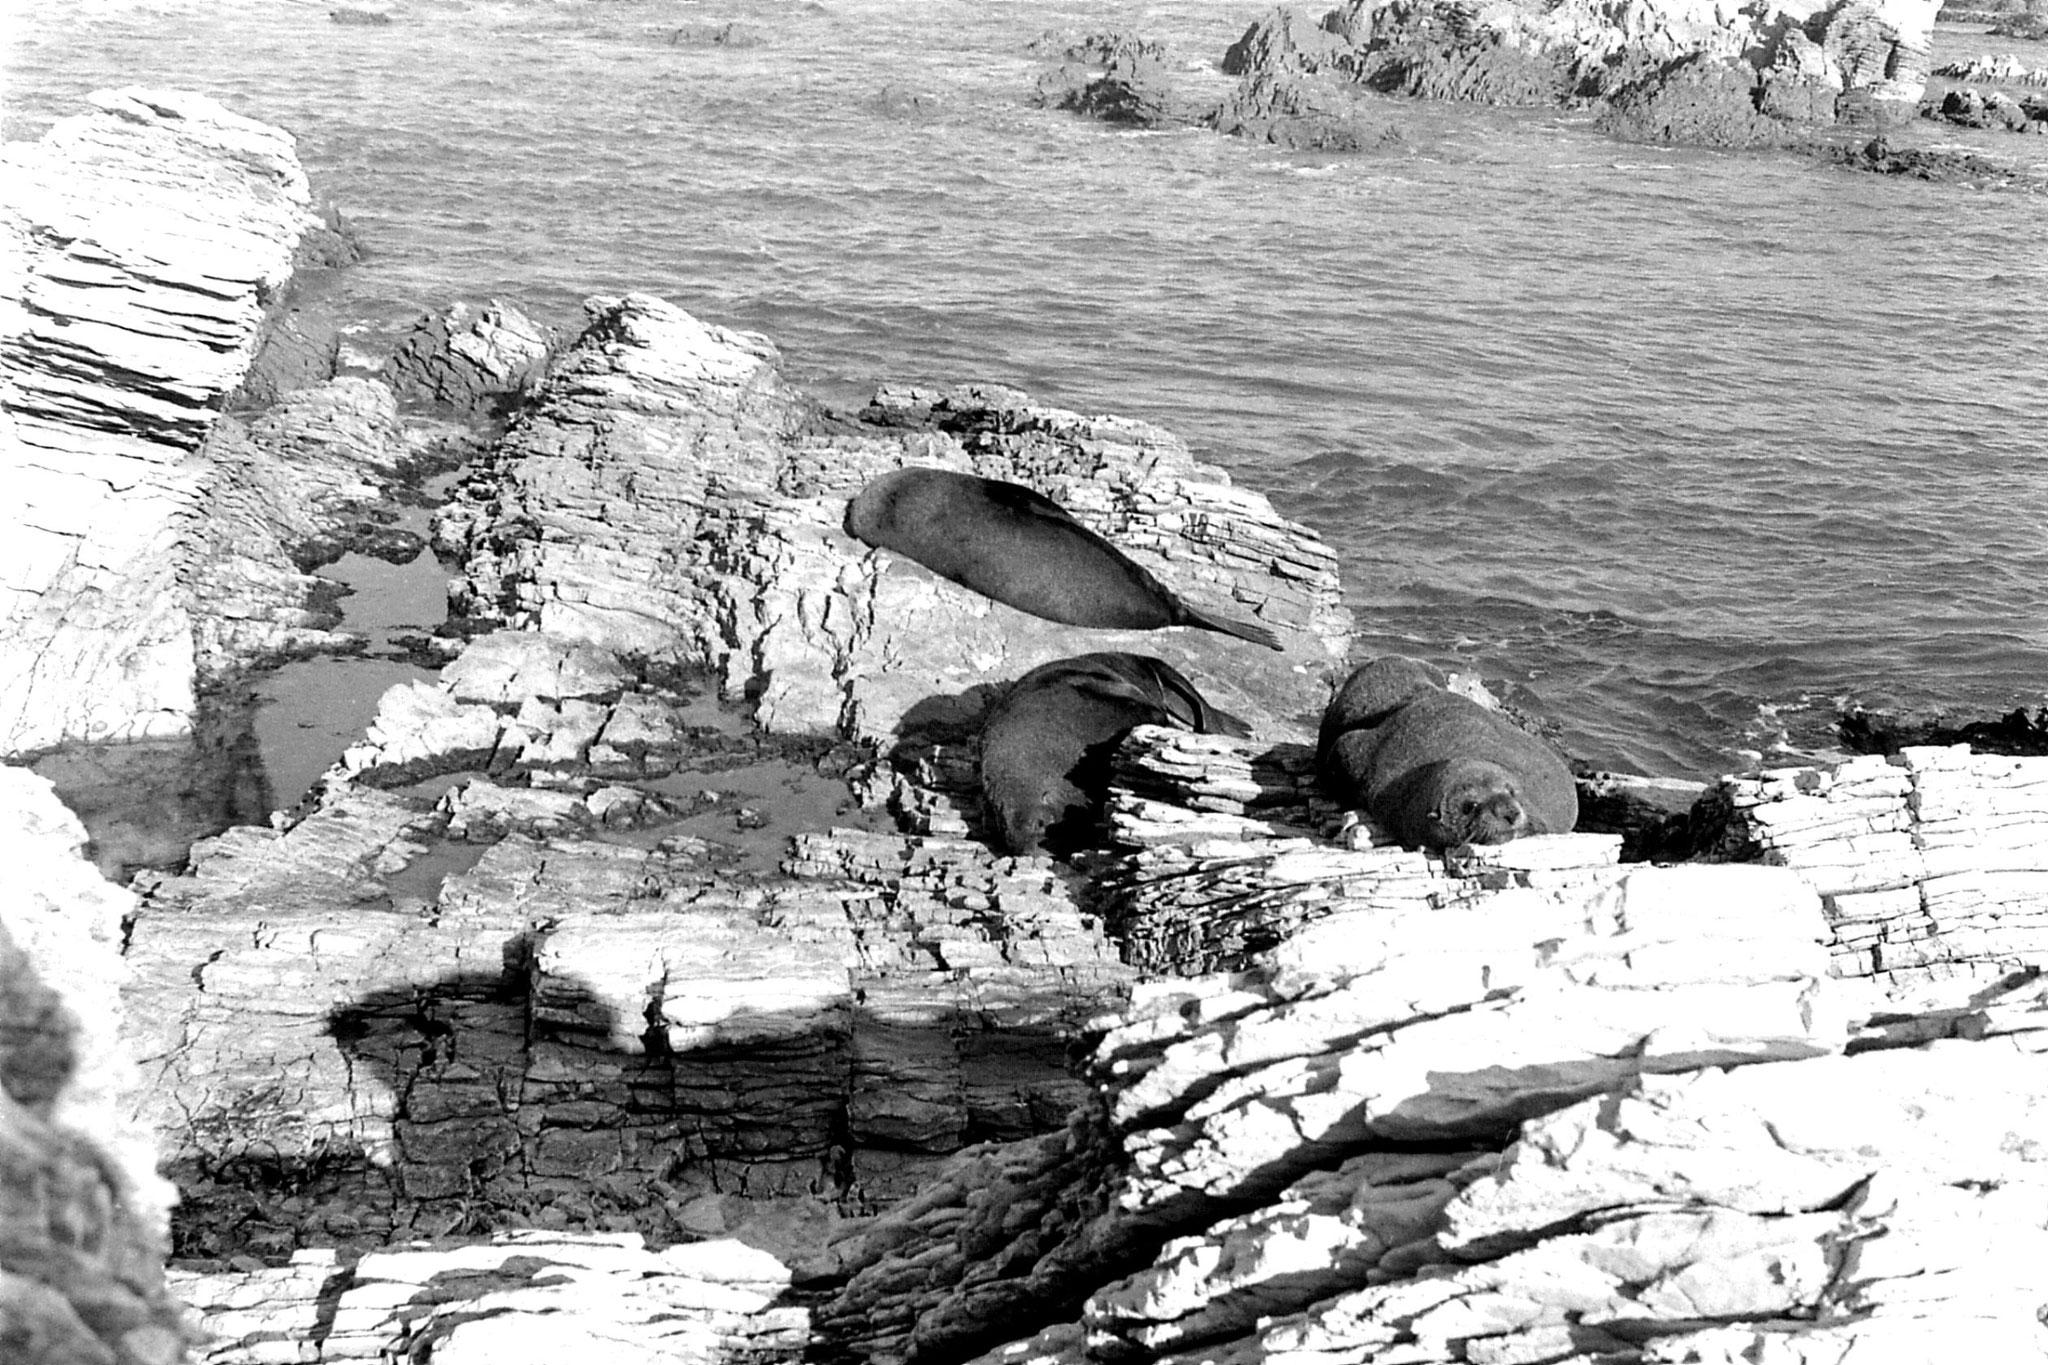 9/8/1990: 23:Kaikoura: seals